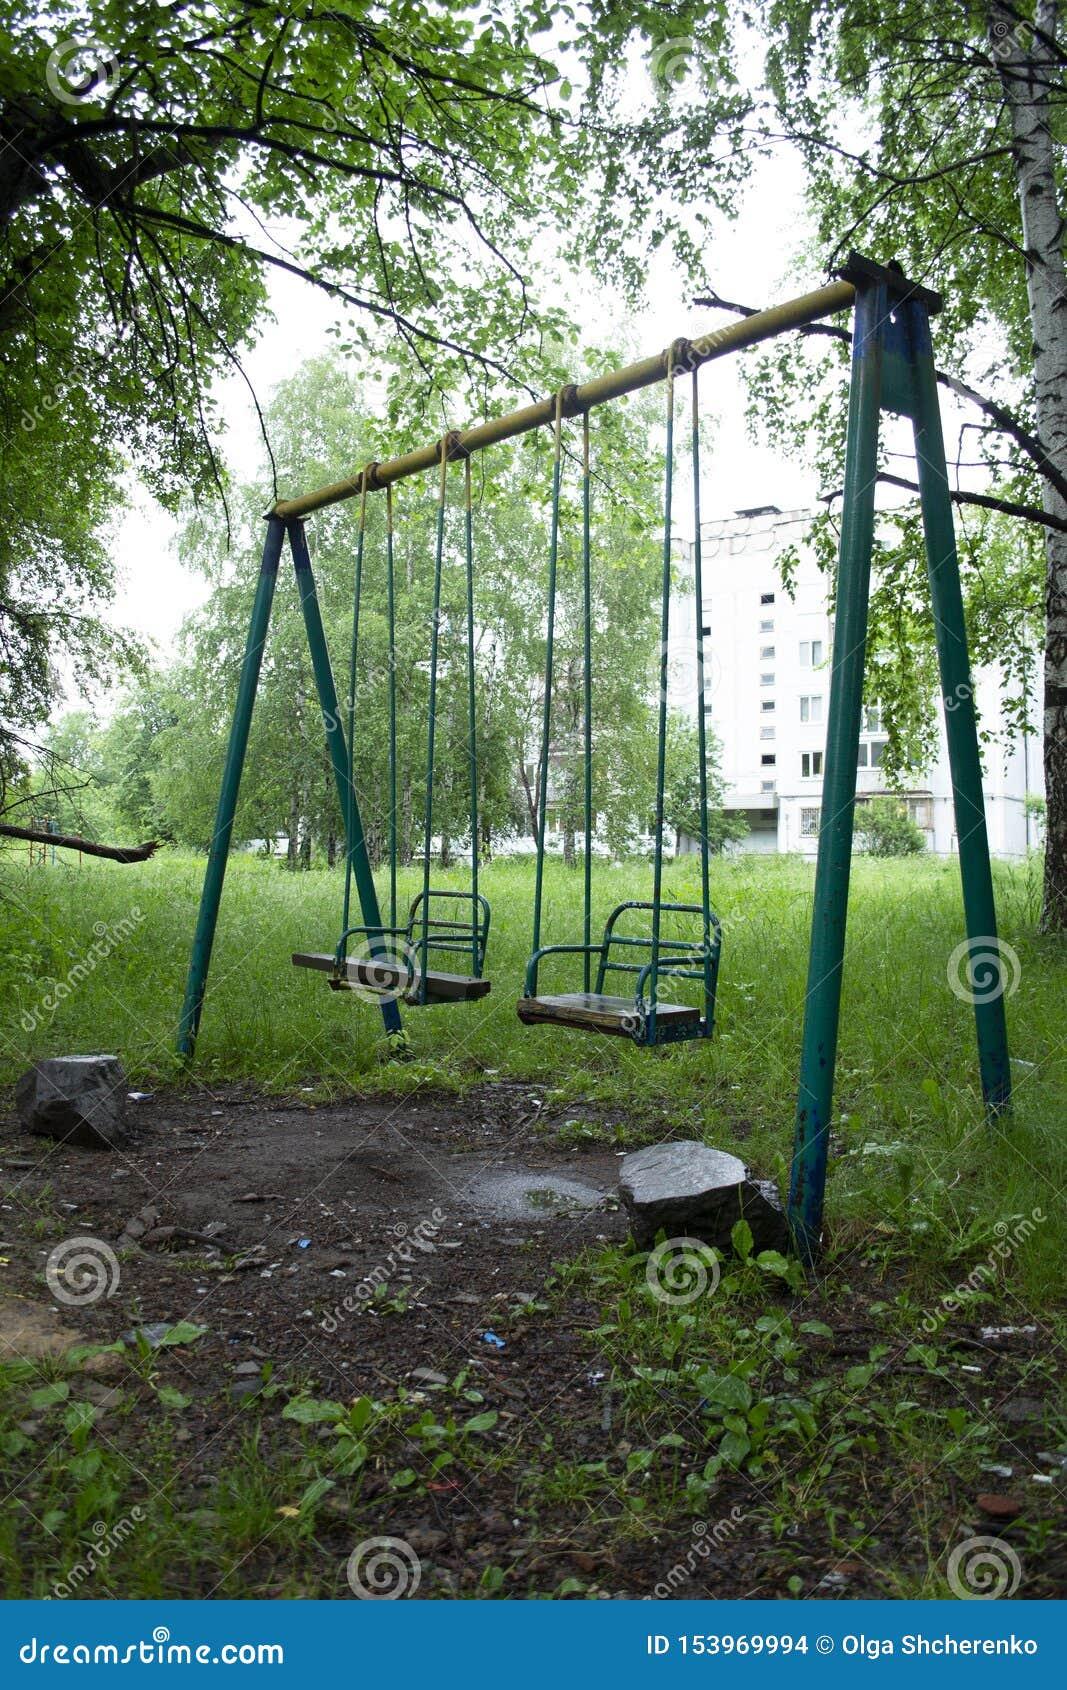 Severe Childhood Of Russian Children. Broken Swing In The ...